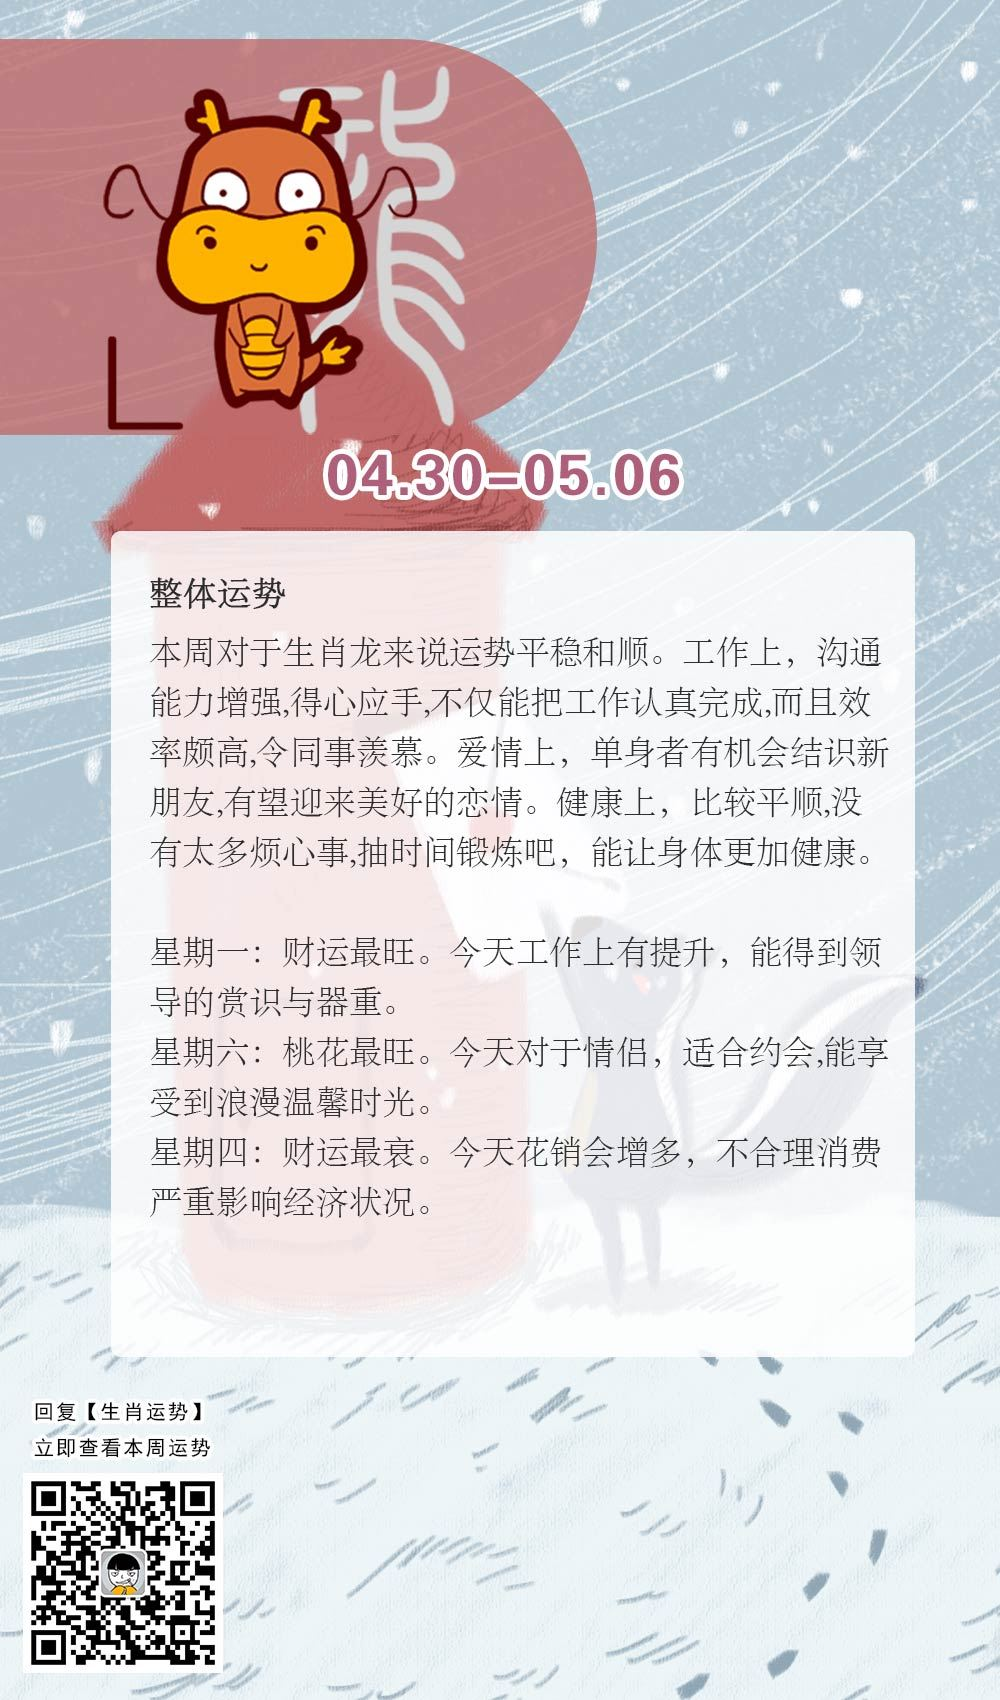 生肖龙本周运势【2018.04.30-05.06】